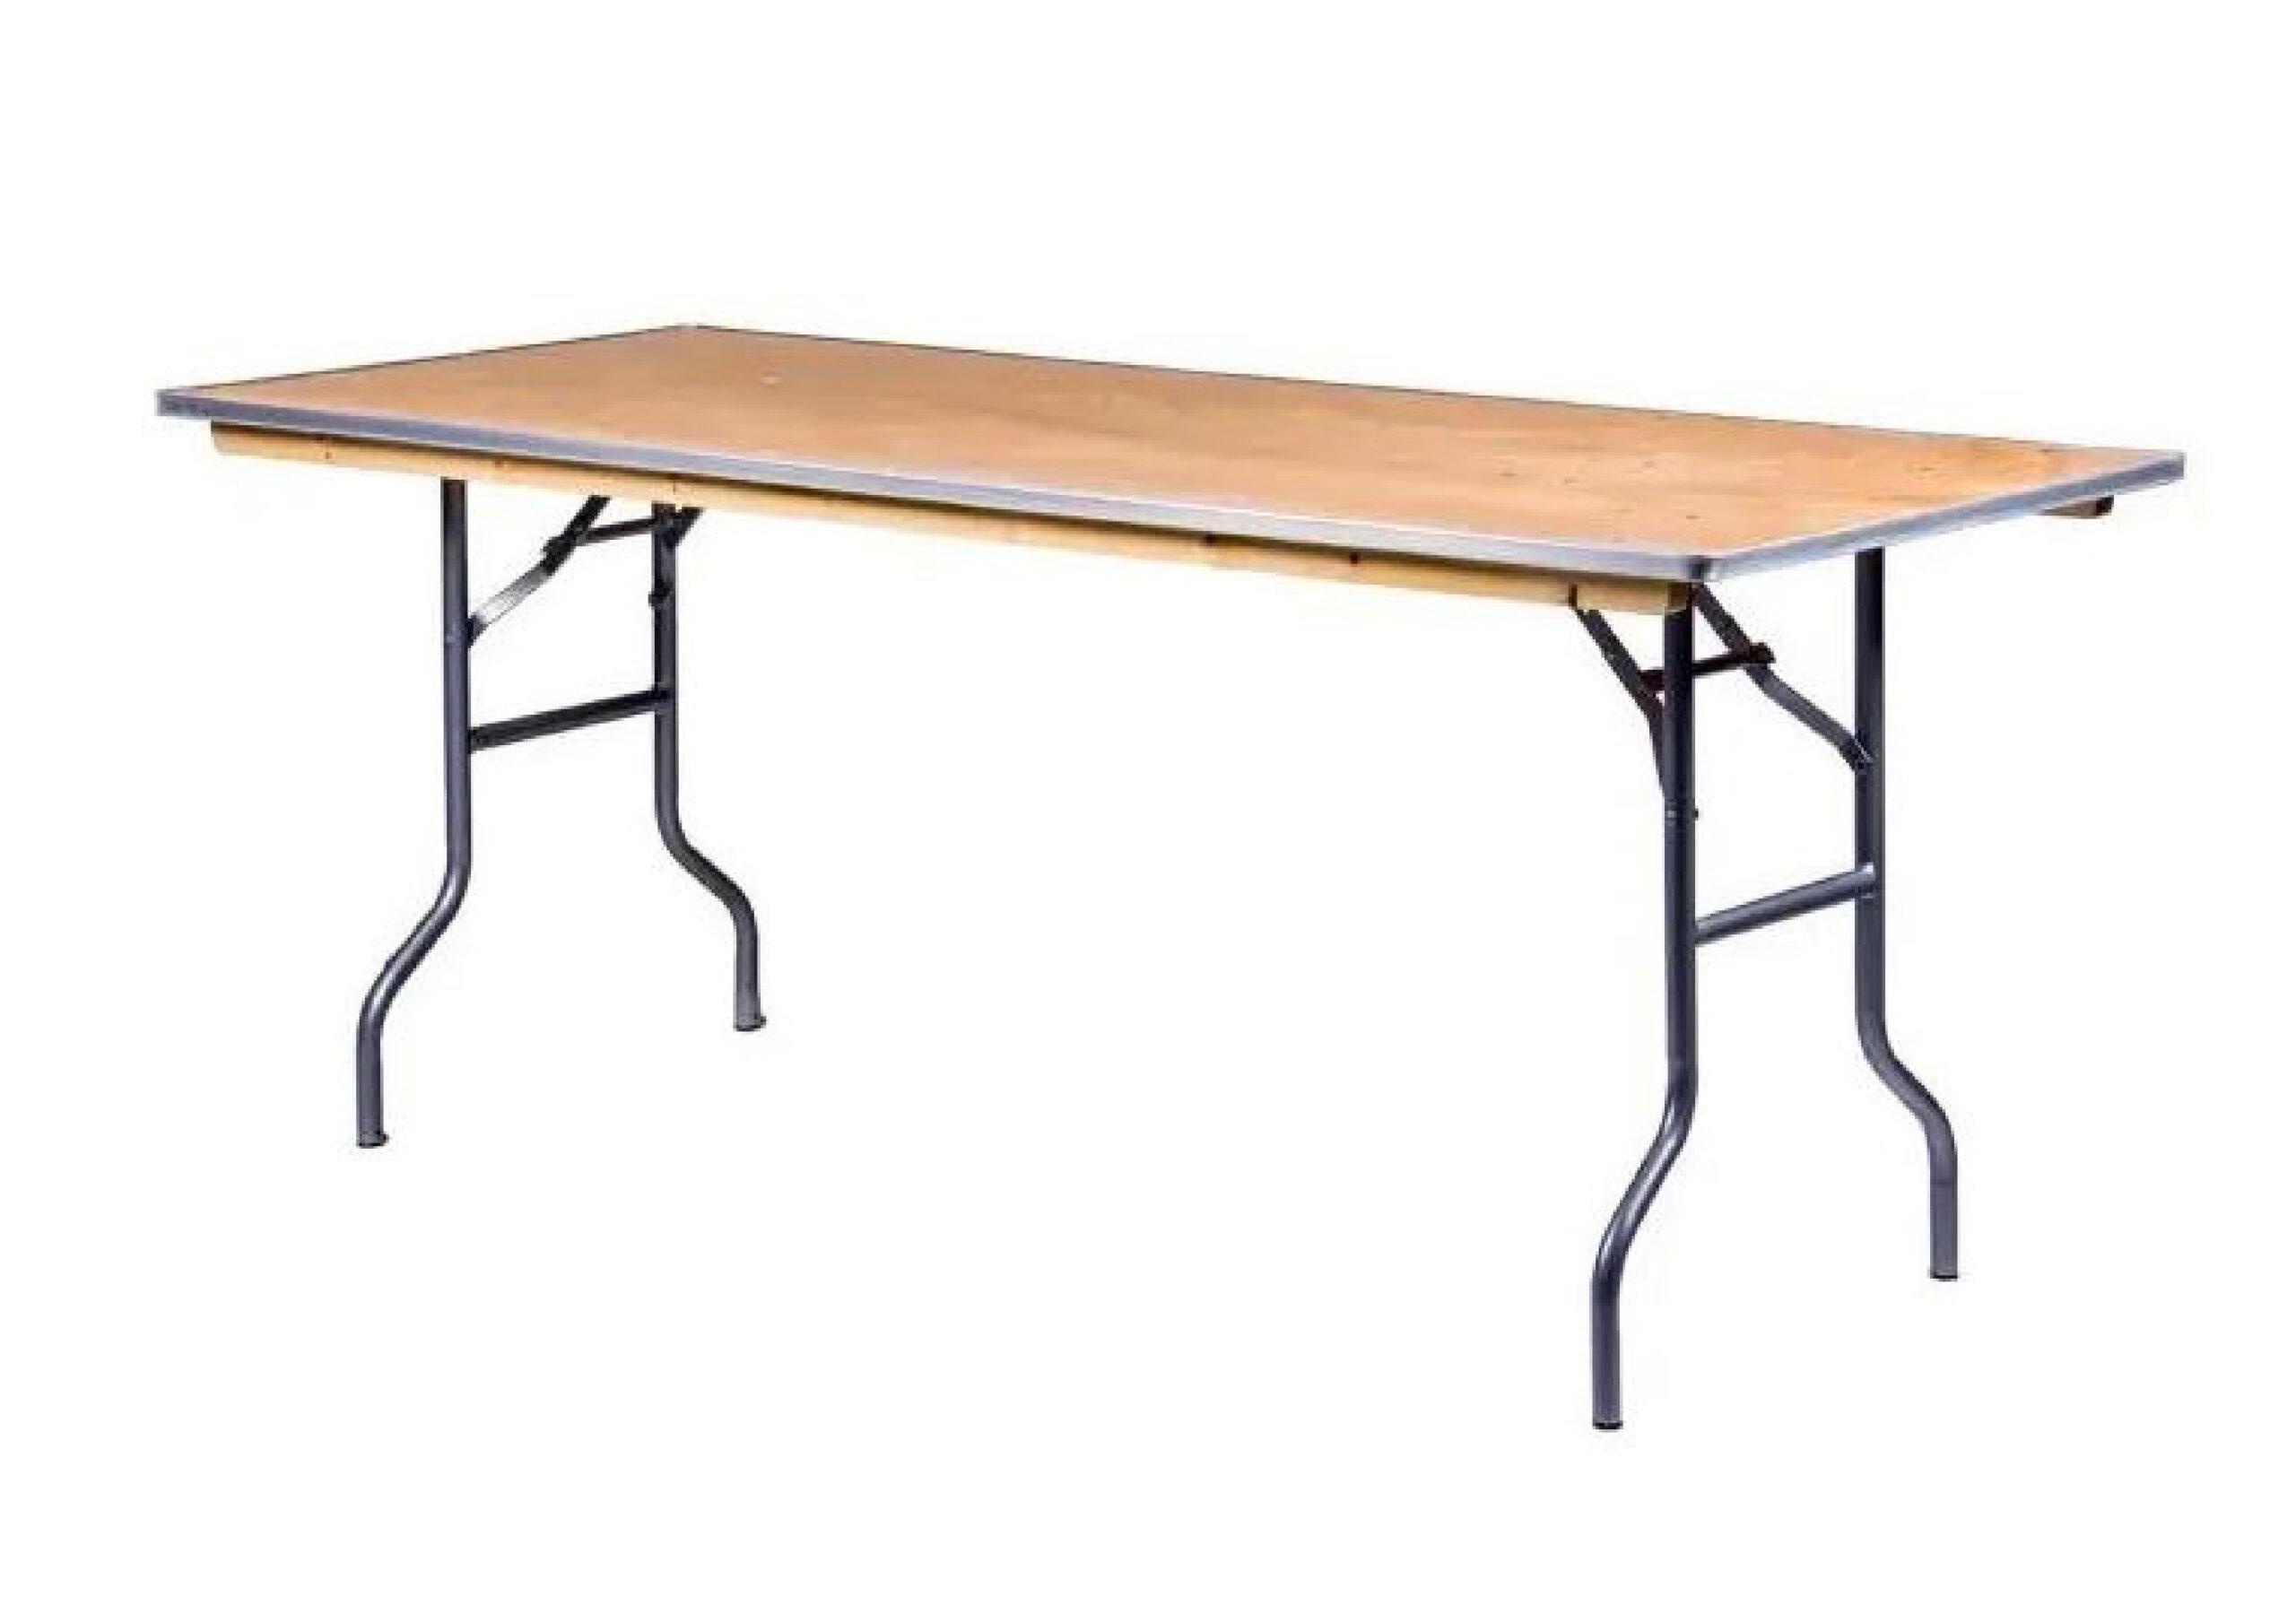 table rental in weston